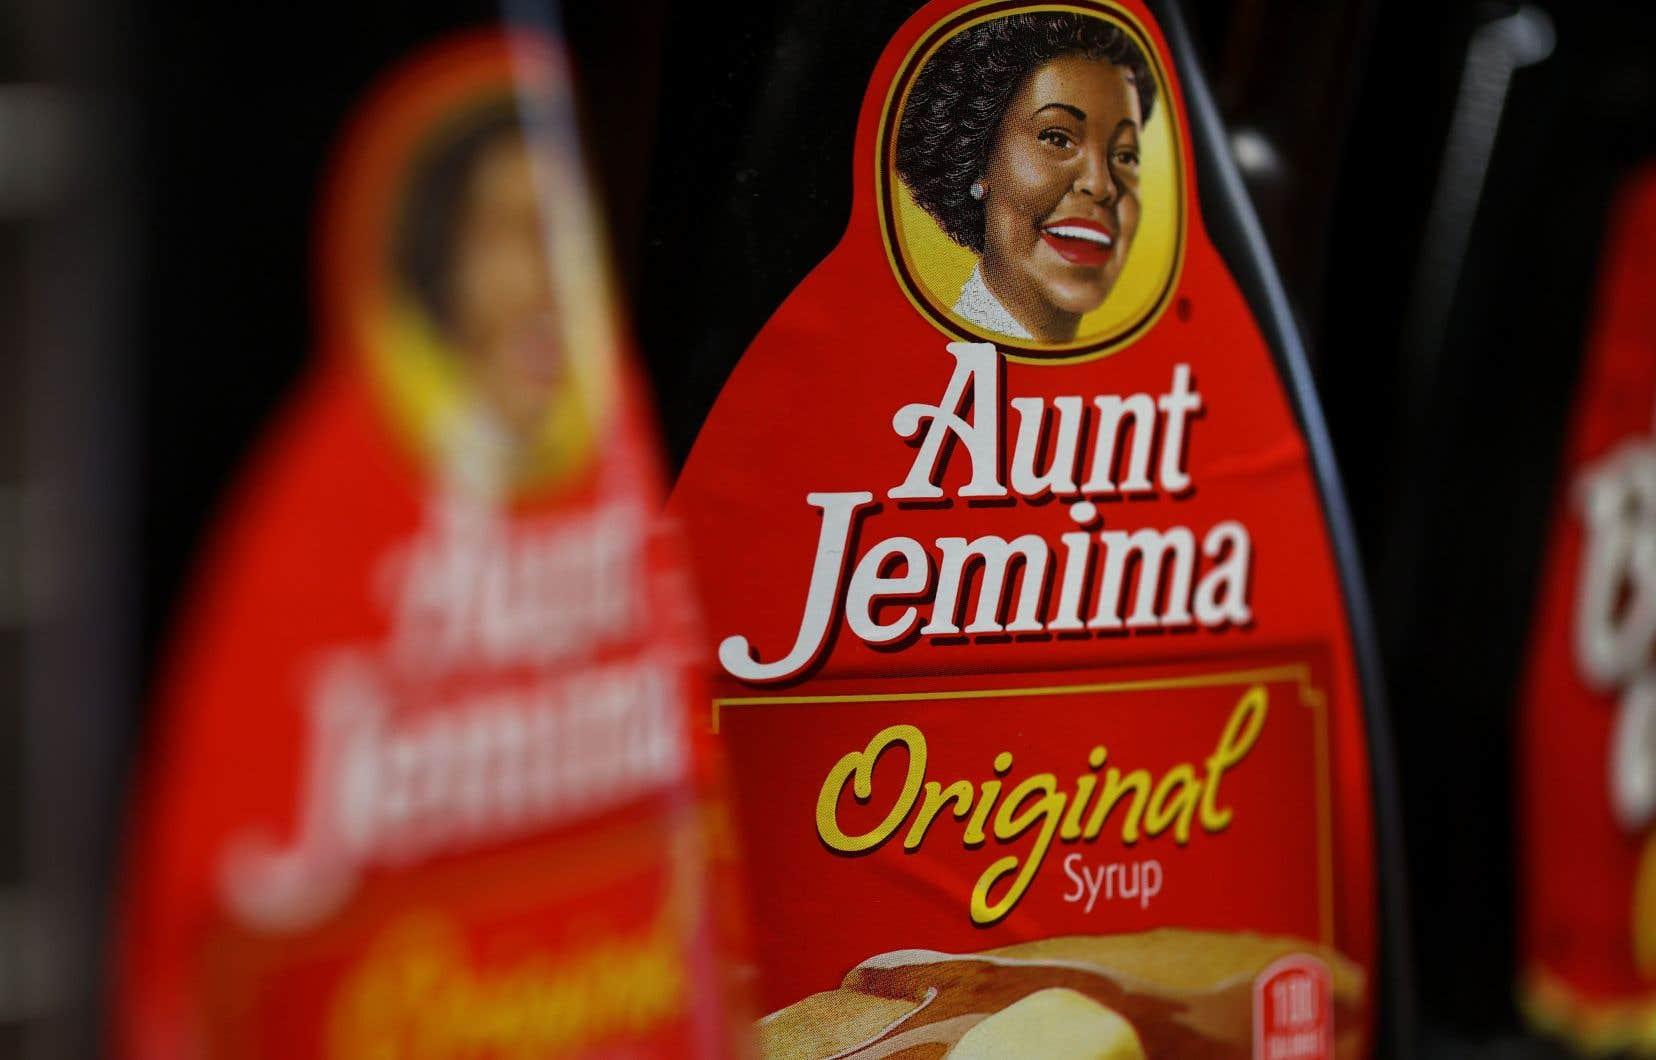 Quaker Oats va se débarrasser entièrement de la facture  visuelle de la marque Aunt Jemima d'ici la fin de l'année.